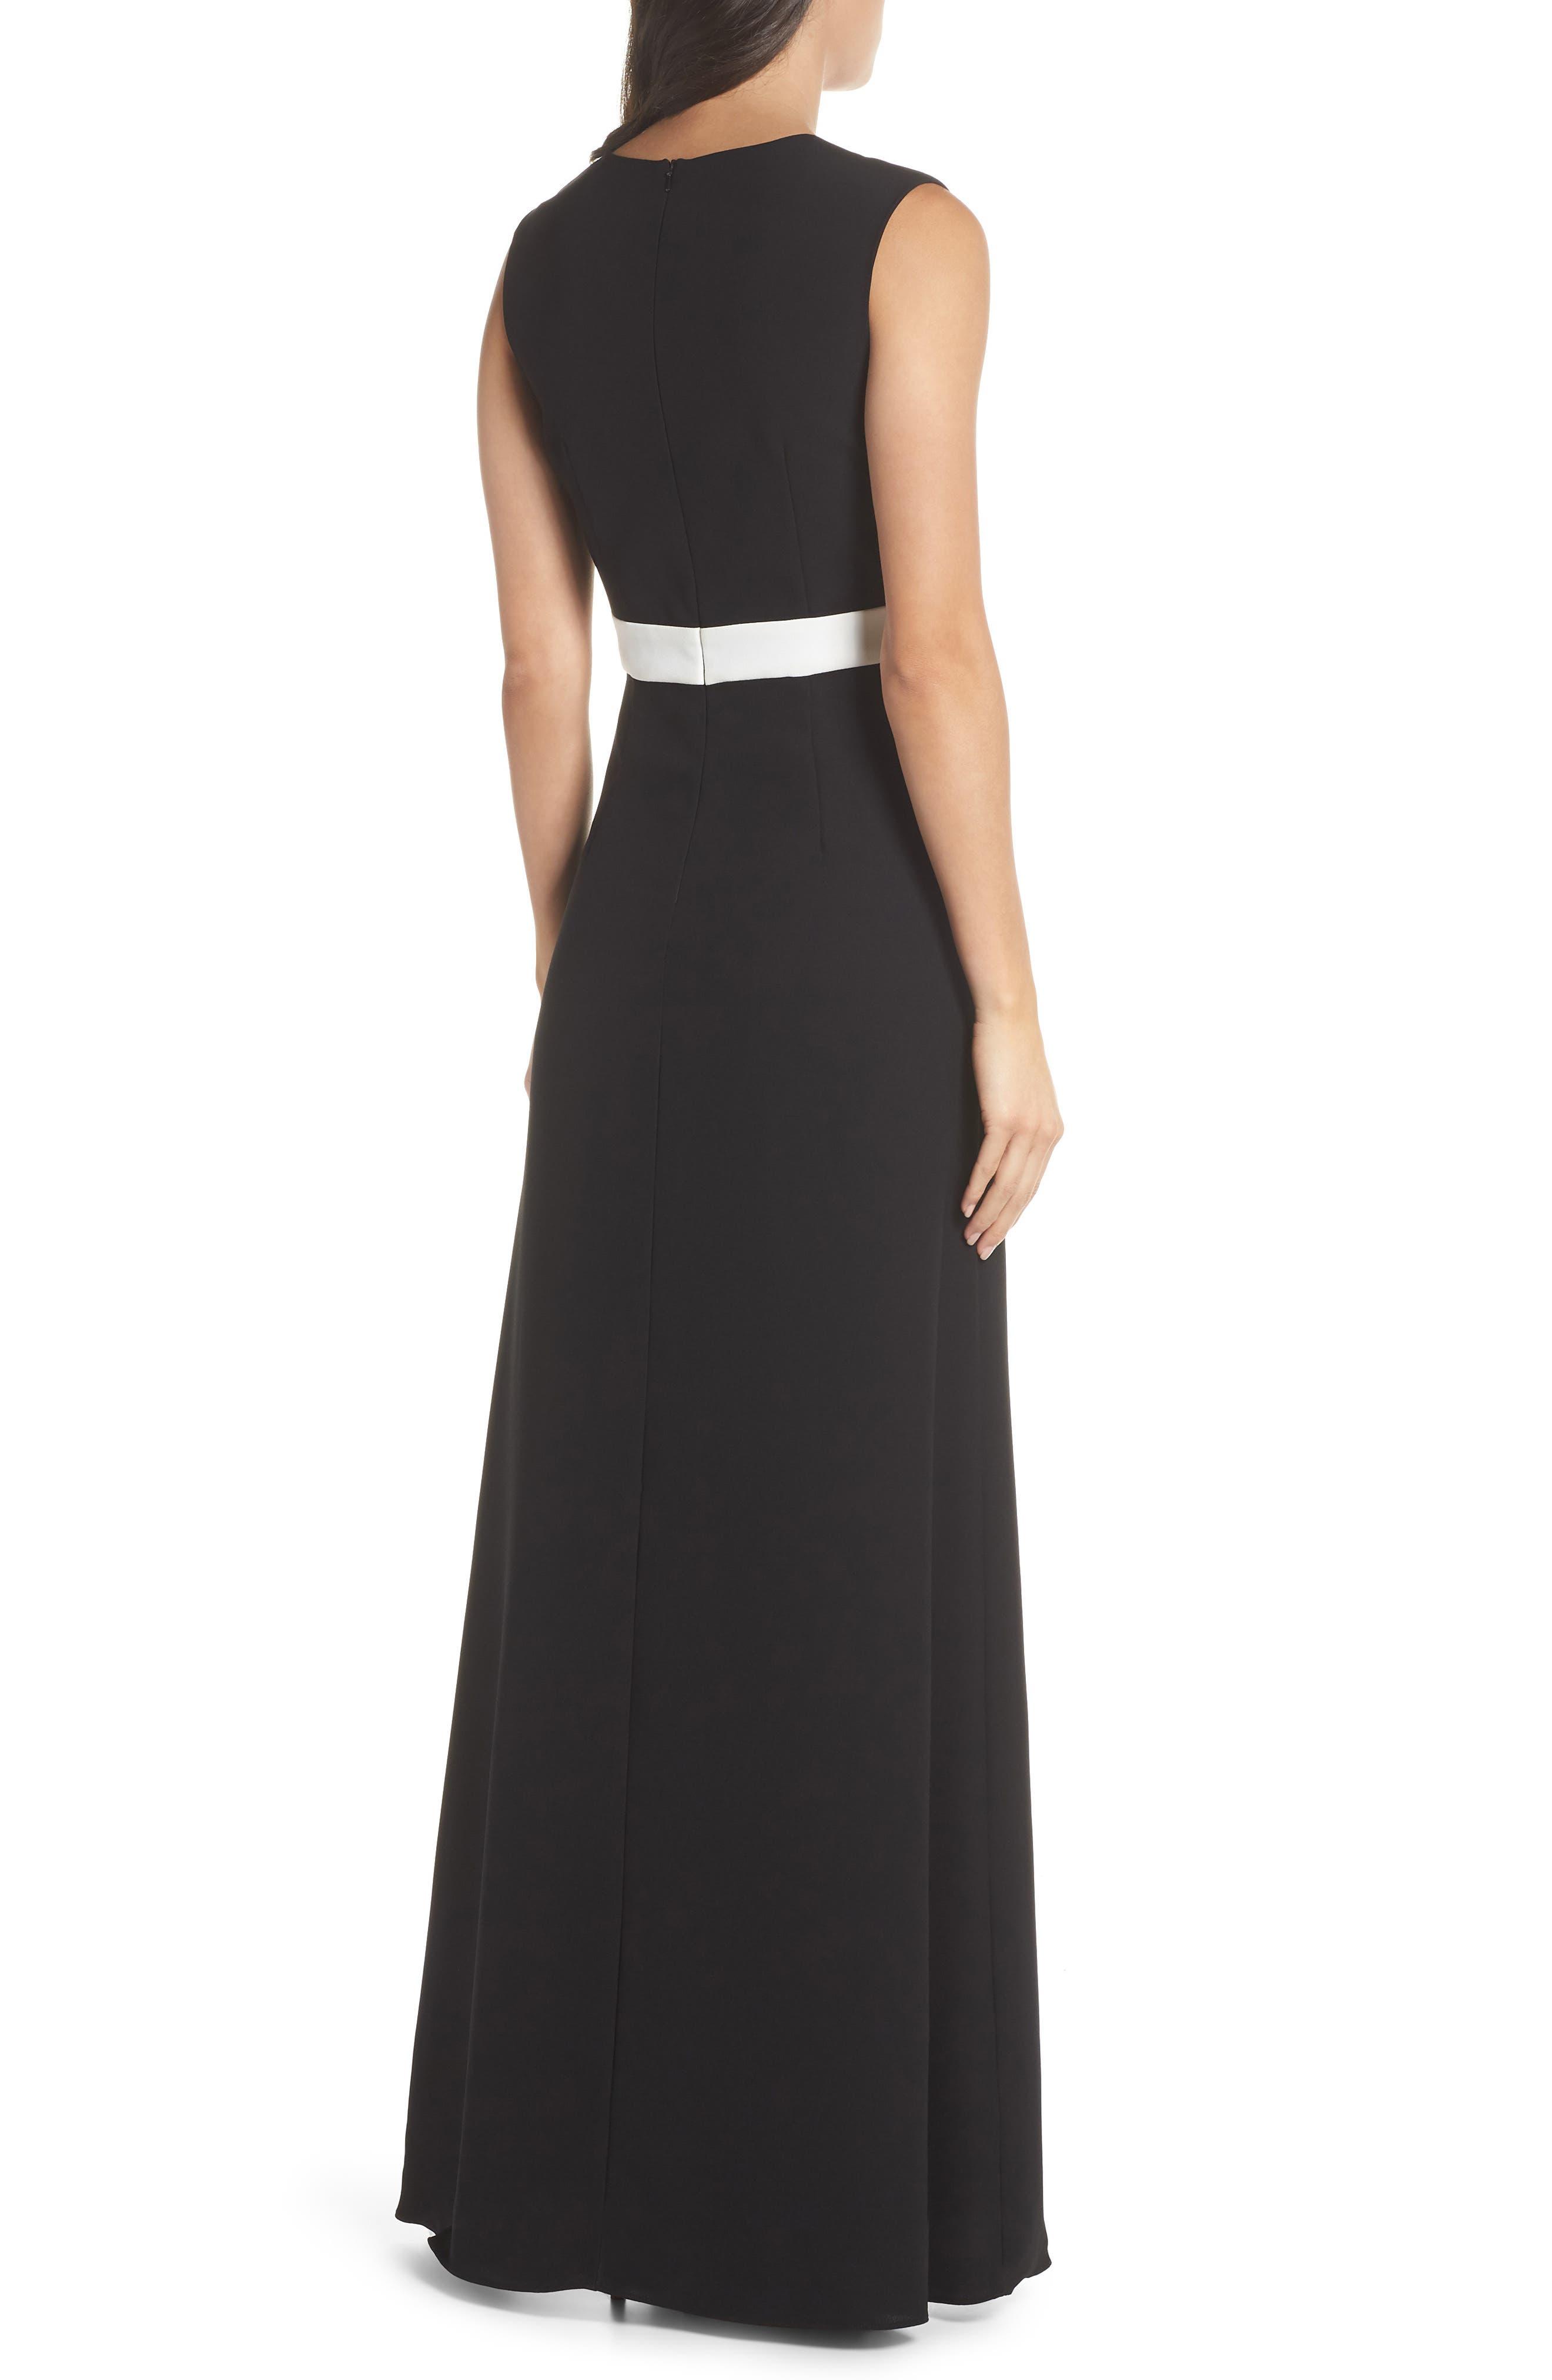 ML Monique Lhullier Sleeveless Crepe Gown,                             Alternate thumbnail 2, color,                             Black/ White